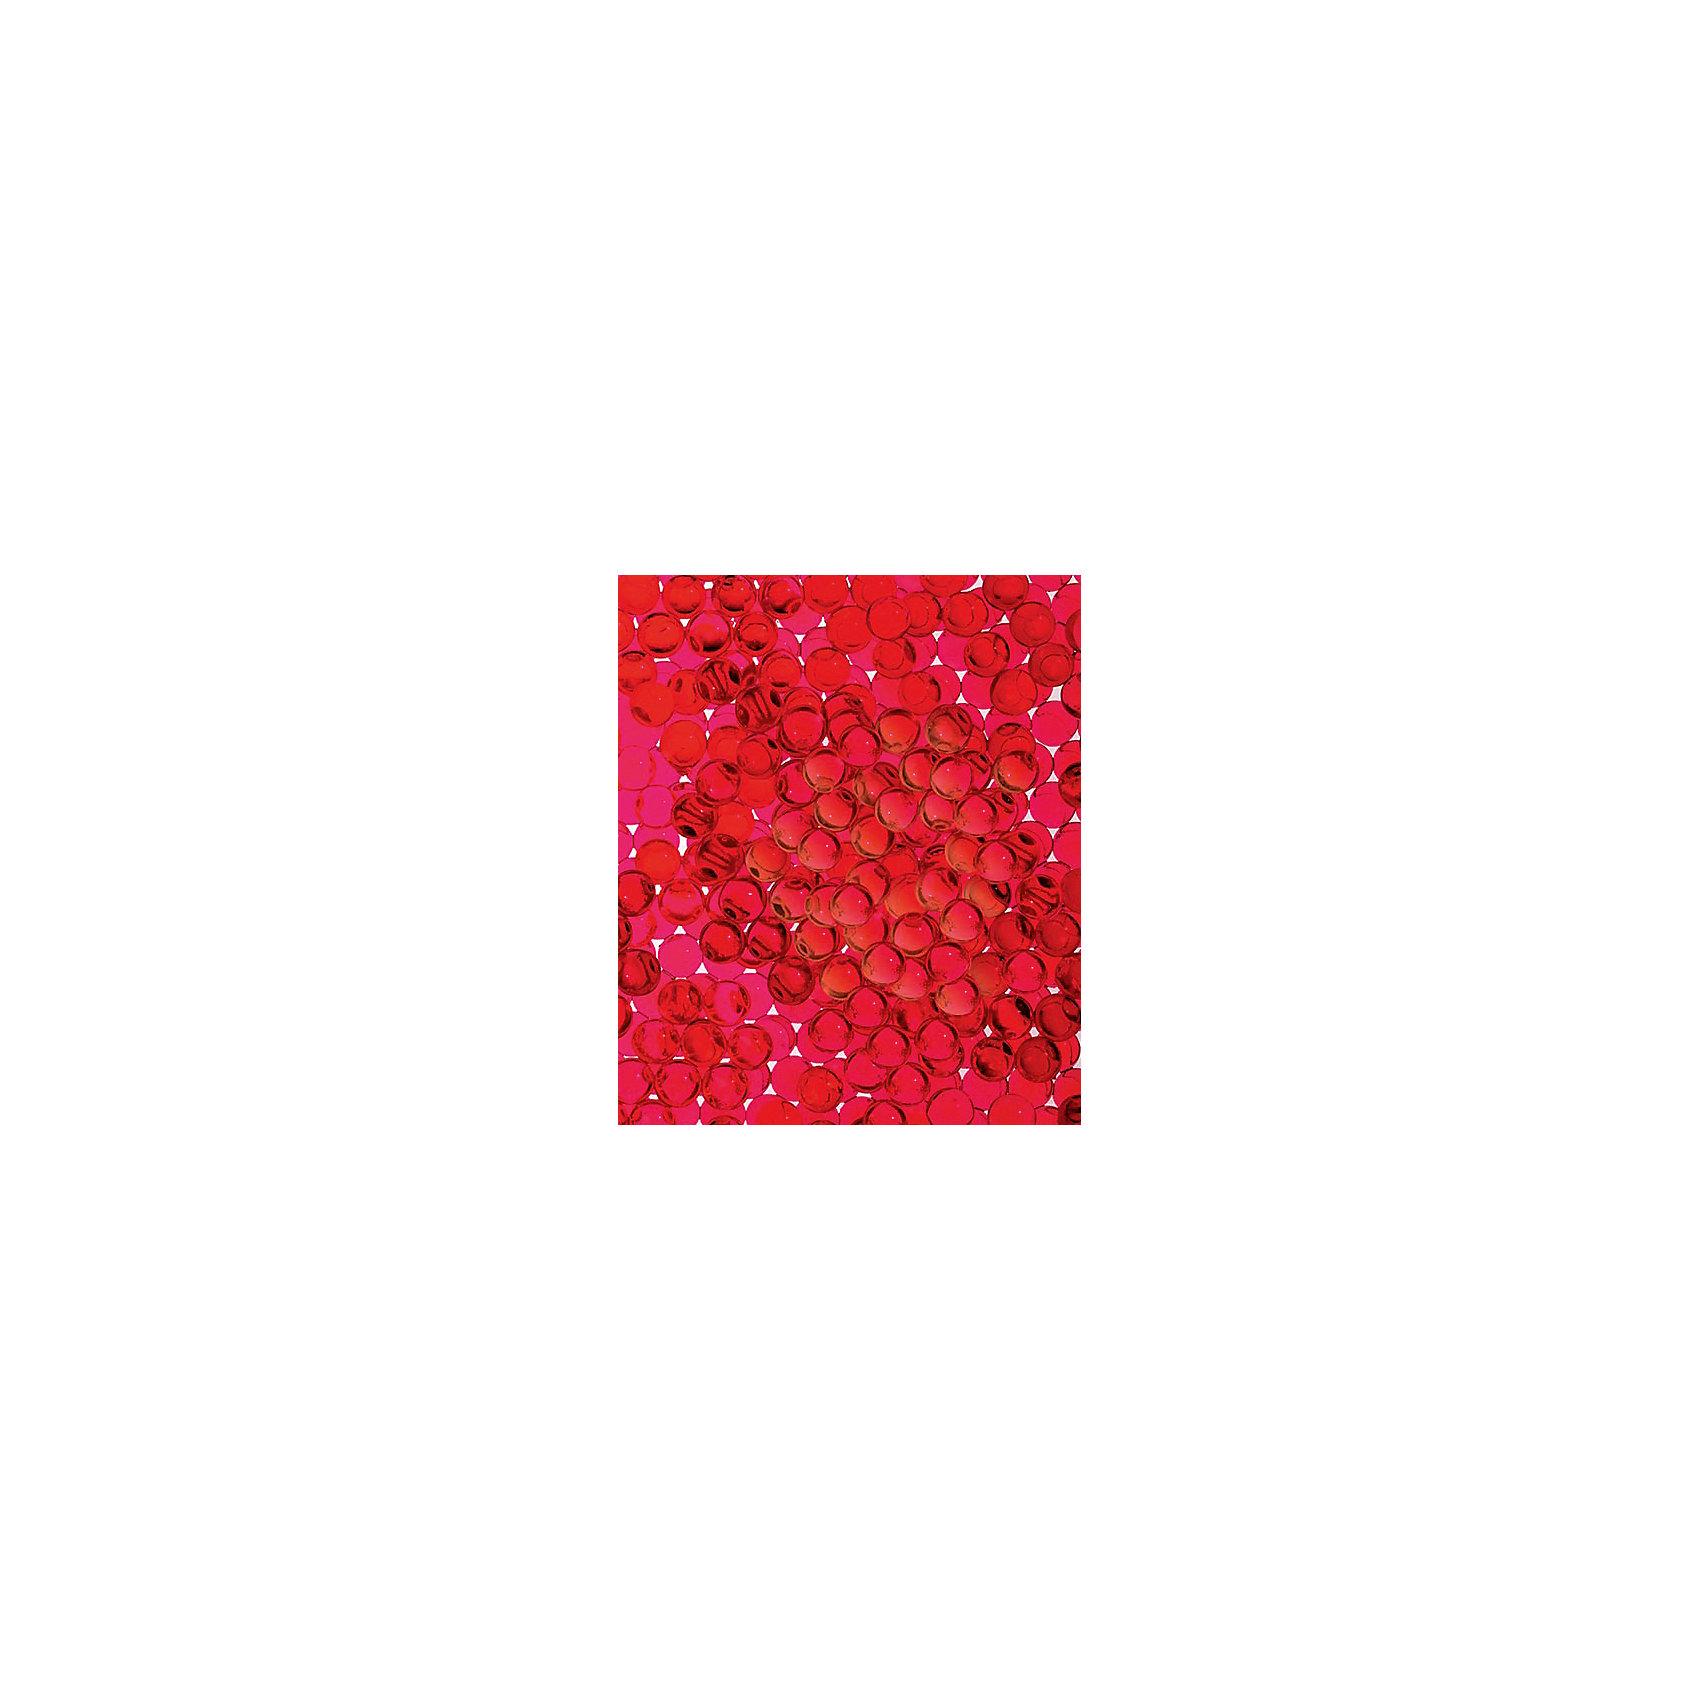 Готовые заряды красного цвета для бластеров, 500 шт., VAPOR